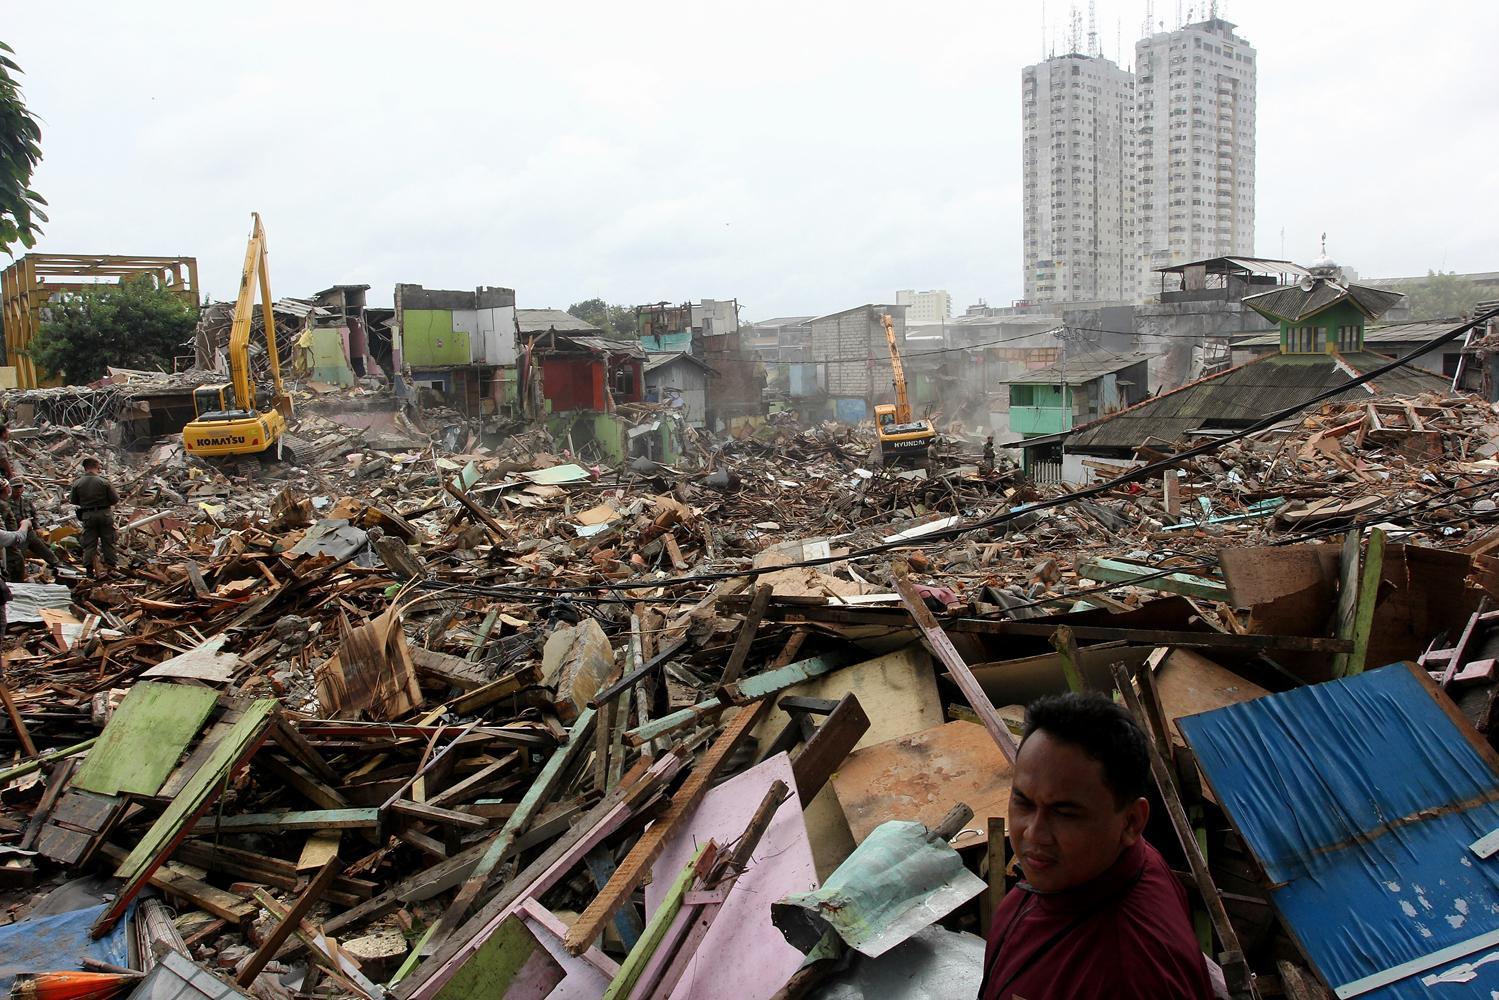 Petugas Satpol PP melihat pembongkar bangunan dengan menggunakan alat berat di kawasan Kalijodo, Jakarta, Senin (29/2). Pemprov DKI Jakarta membongkar ratusan bangunan di kawasan tersebut untuk dijadikan Ruang Terbuka Hijau (RTH).